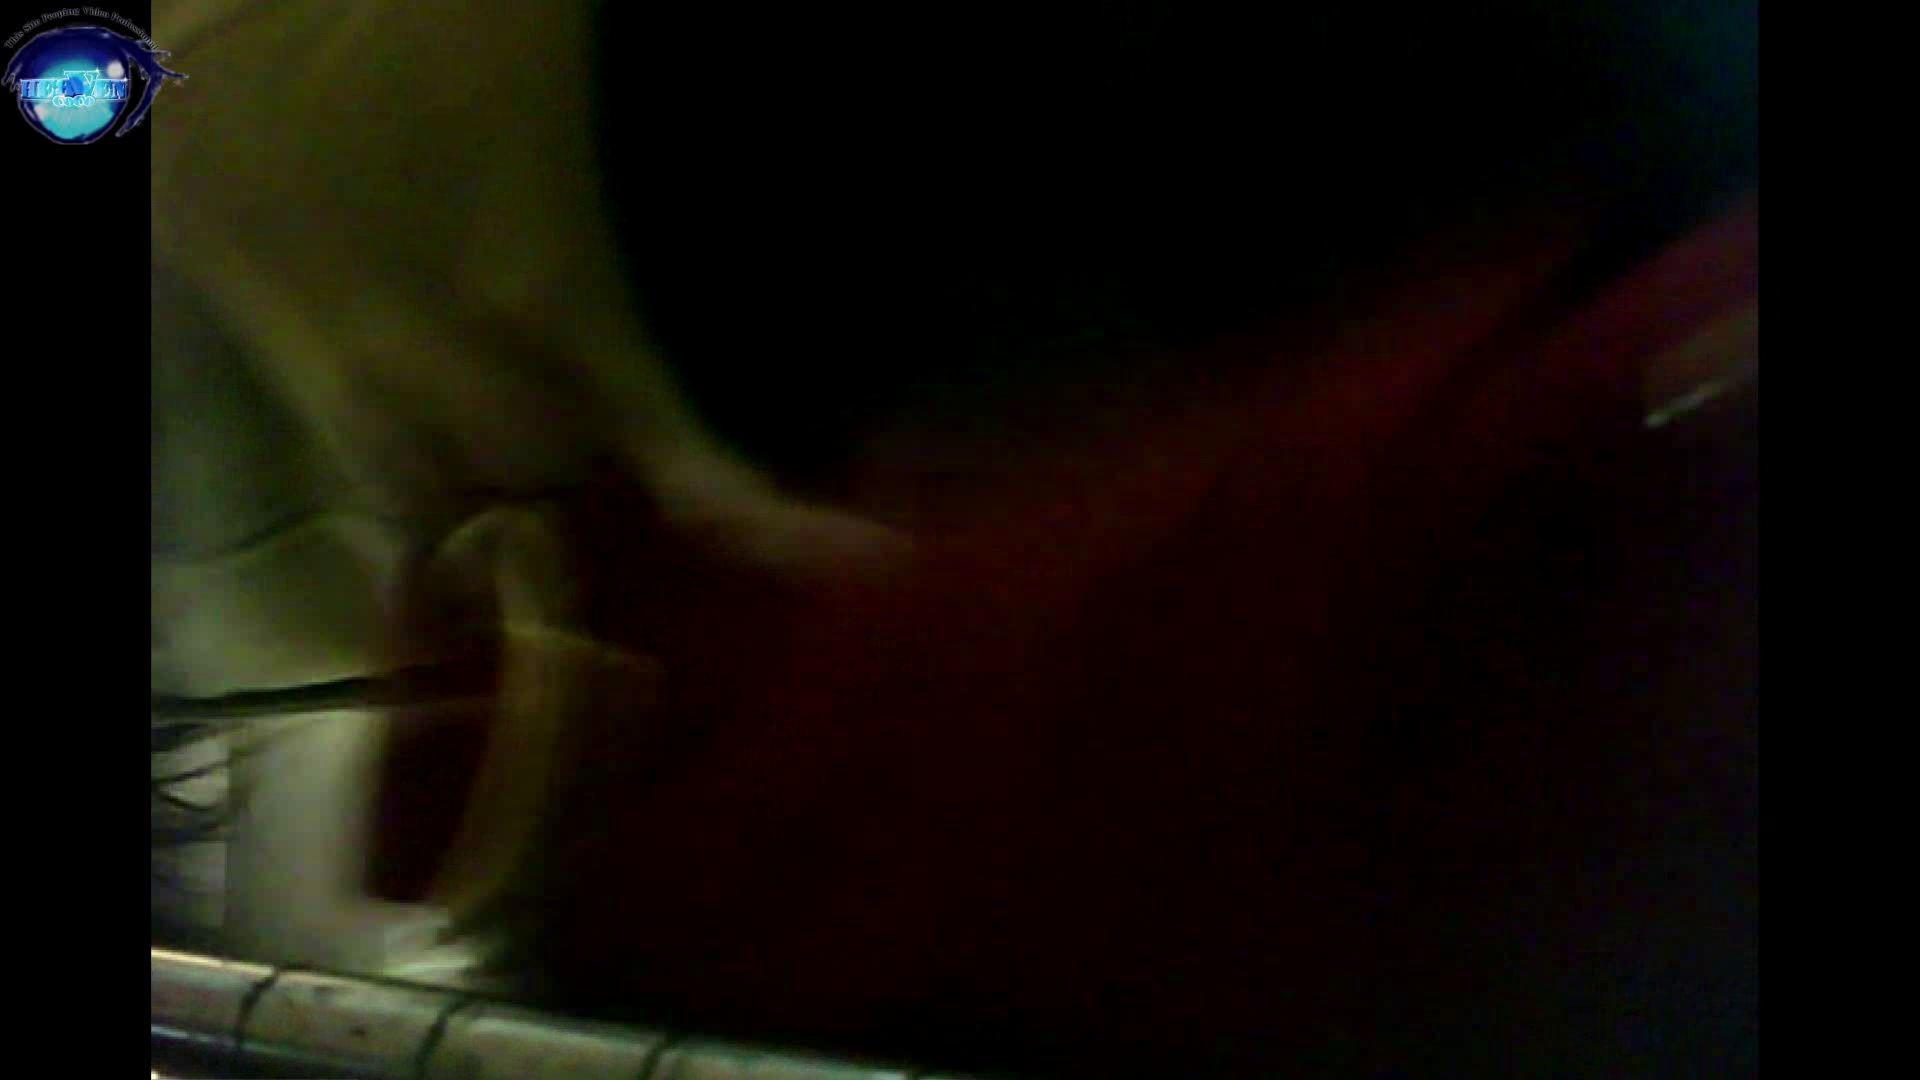 三つ目で盗撮 vol.41 モロだしオマンコ 盗み撮り動画キャプチャ 106pic 73